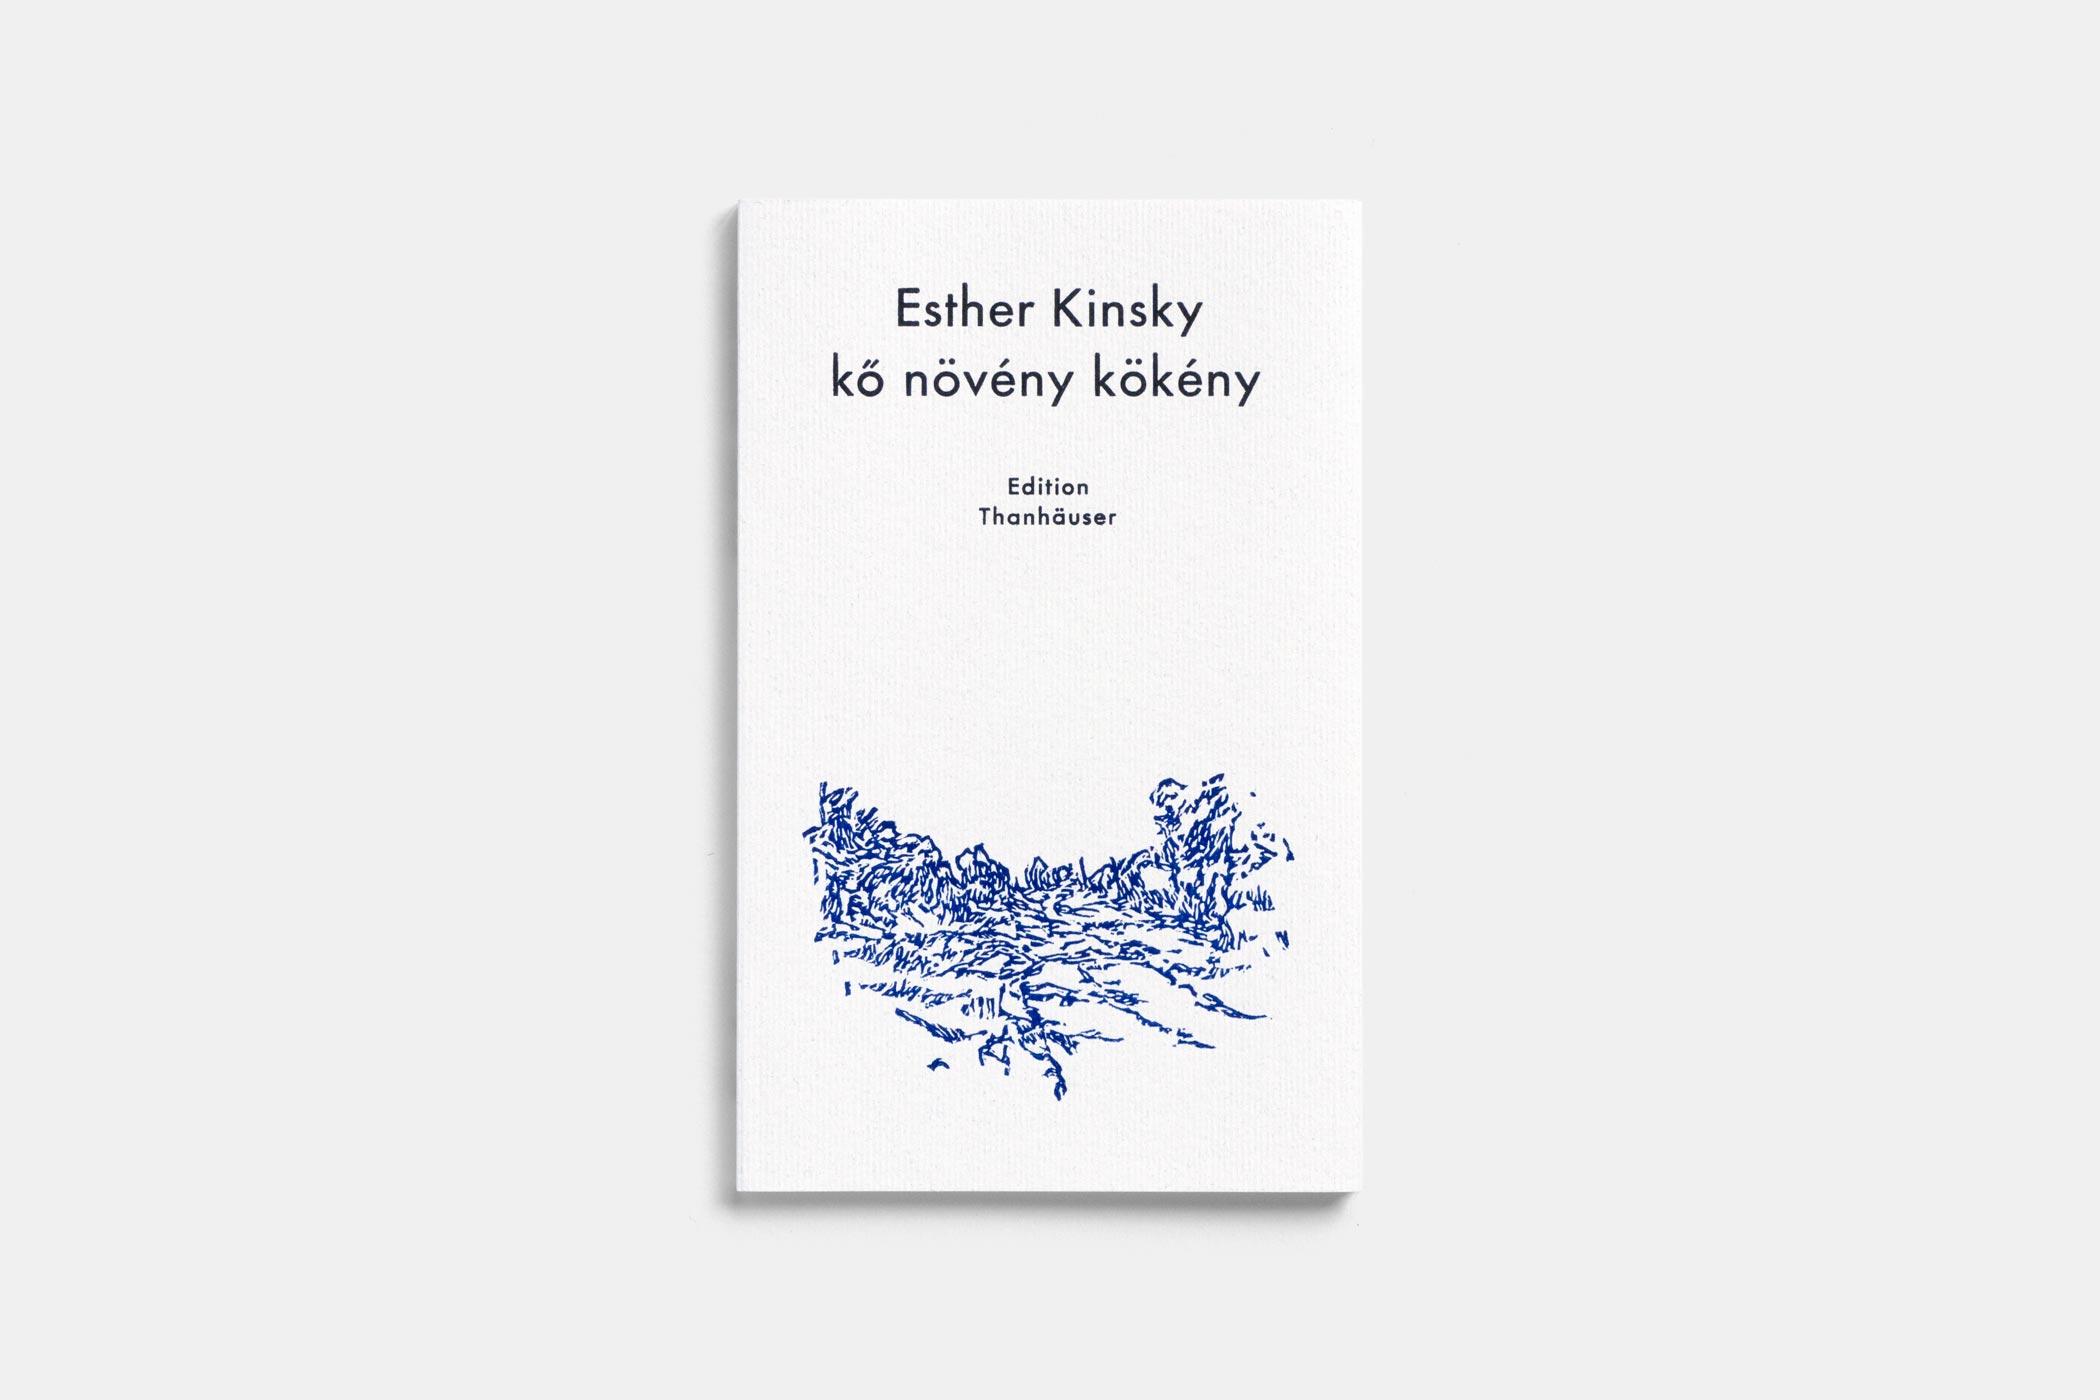 """Das Buch """"kő növény kökény"""" von Esther Kinsky erschienen im Verlag Edition Thanhäuser mit einem blauen Holzschnitt einer Landschaft von Christian Thanhäuser am Umschlag"""